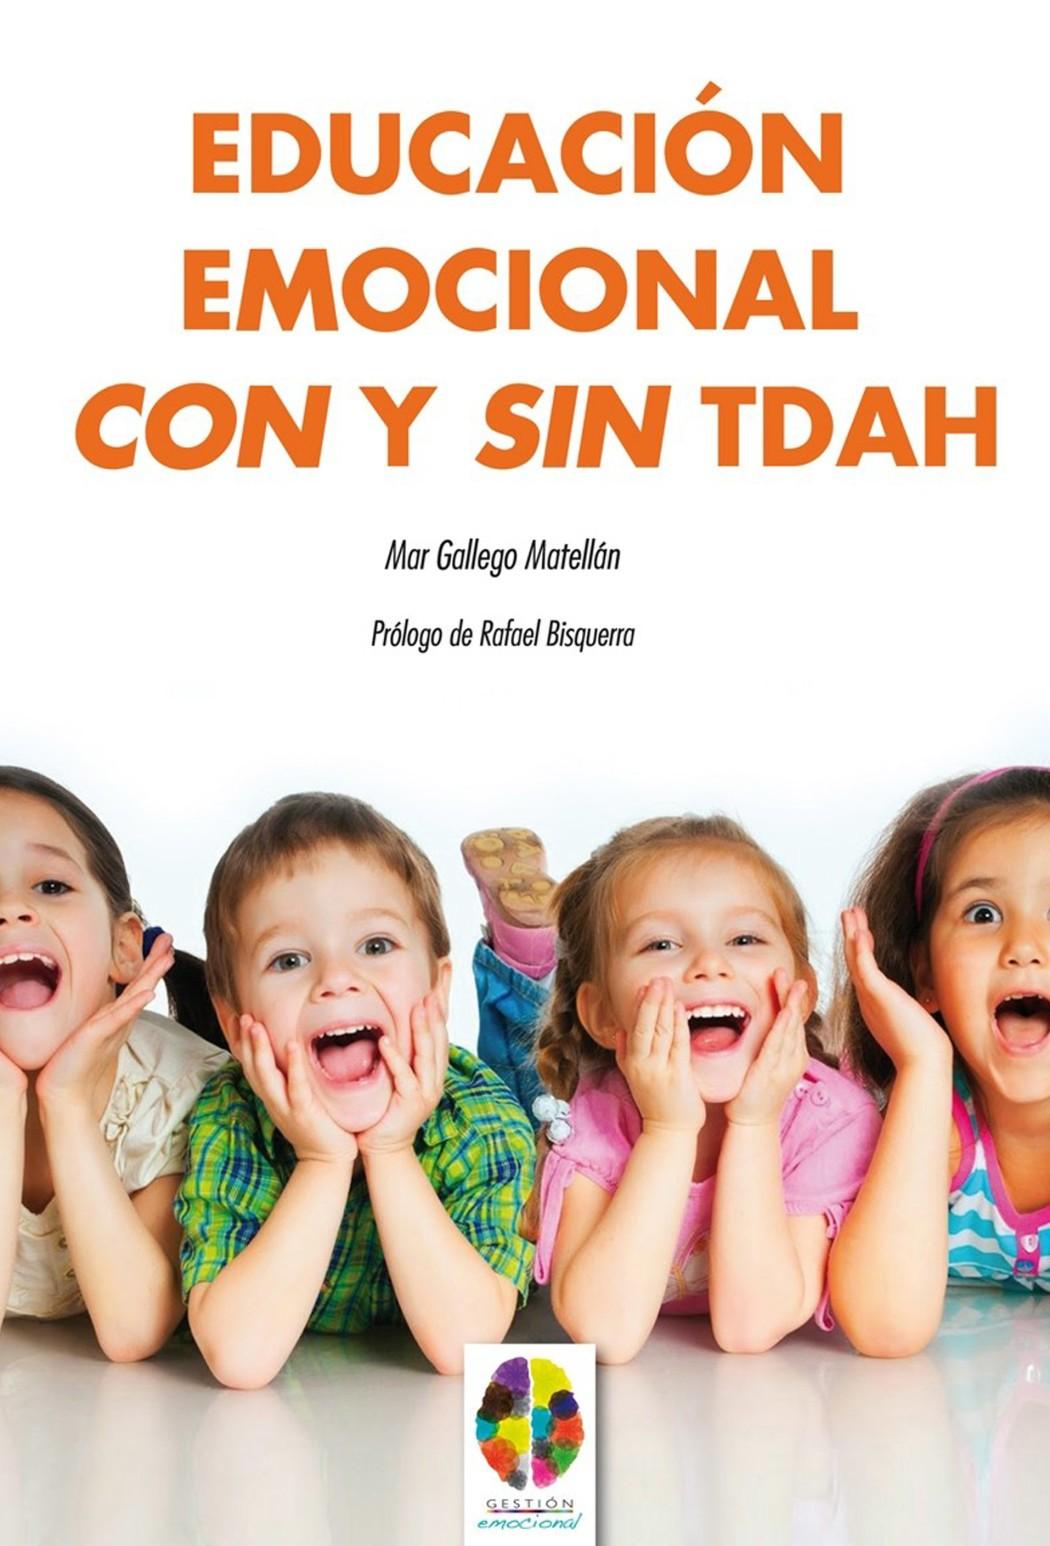 librosestrella_educacion-emocional-con-y-sin-tdah-1050x1546